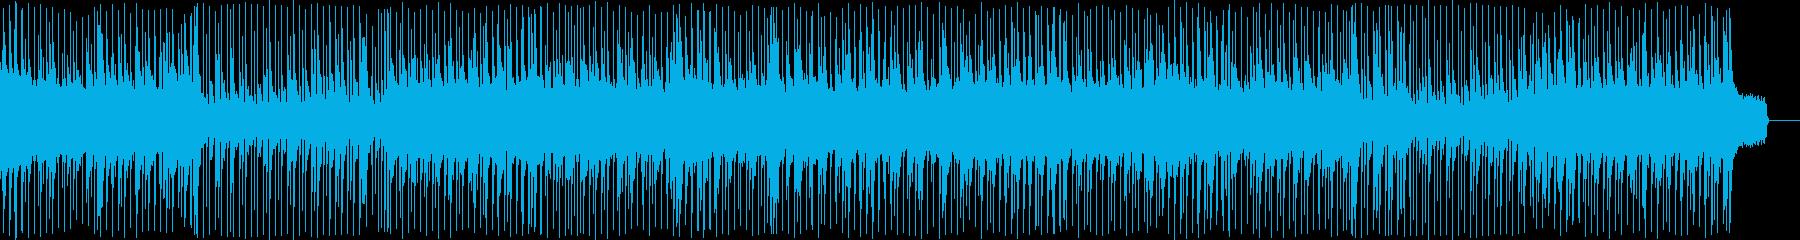 ピアノメインの旅立ちの切ないポップの再生済みの波形